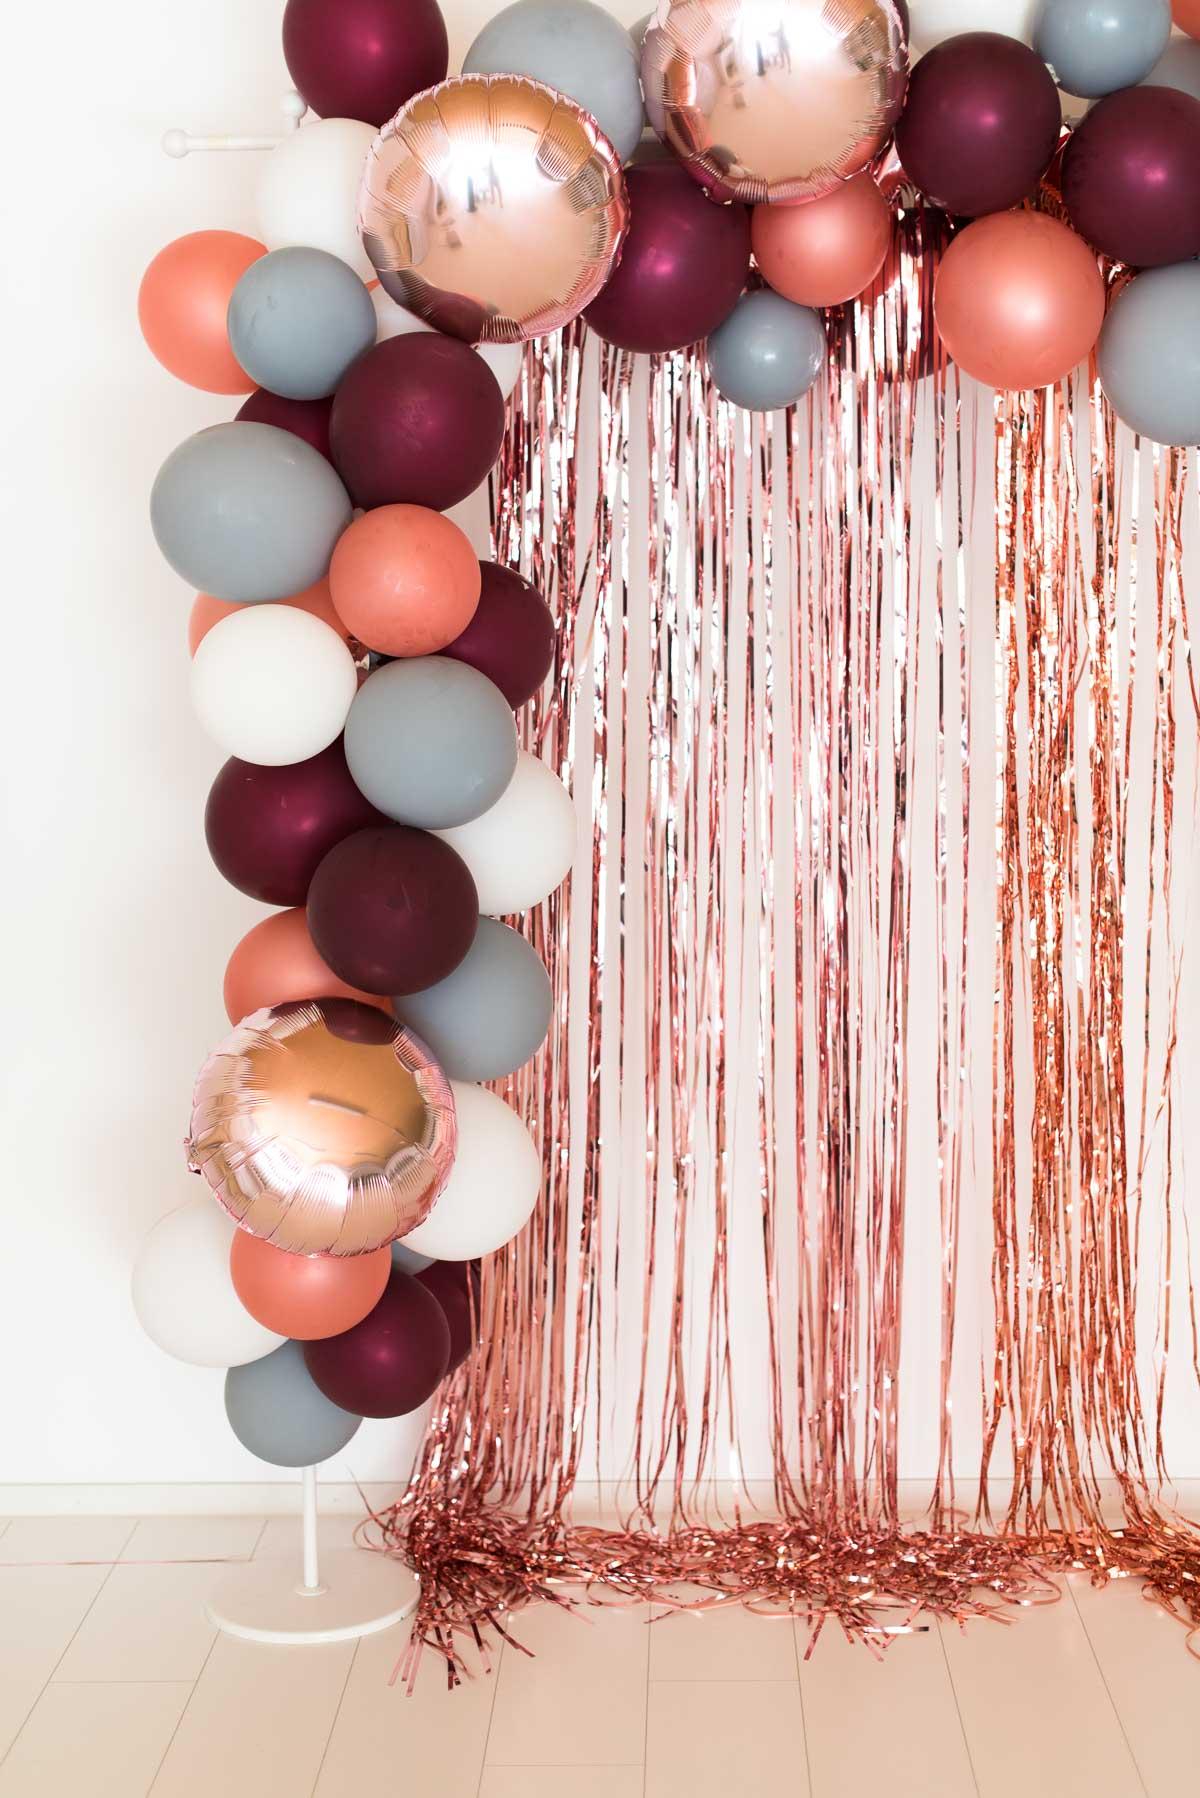 déco murale mariage originale photocall ballon guirlande nuance de rose corail argenté clemaroundthecorner